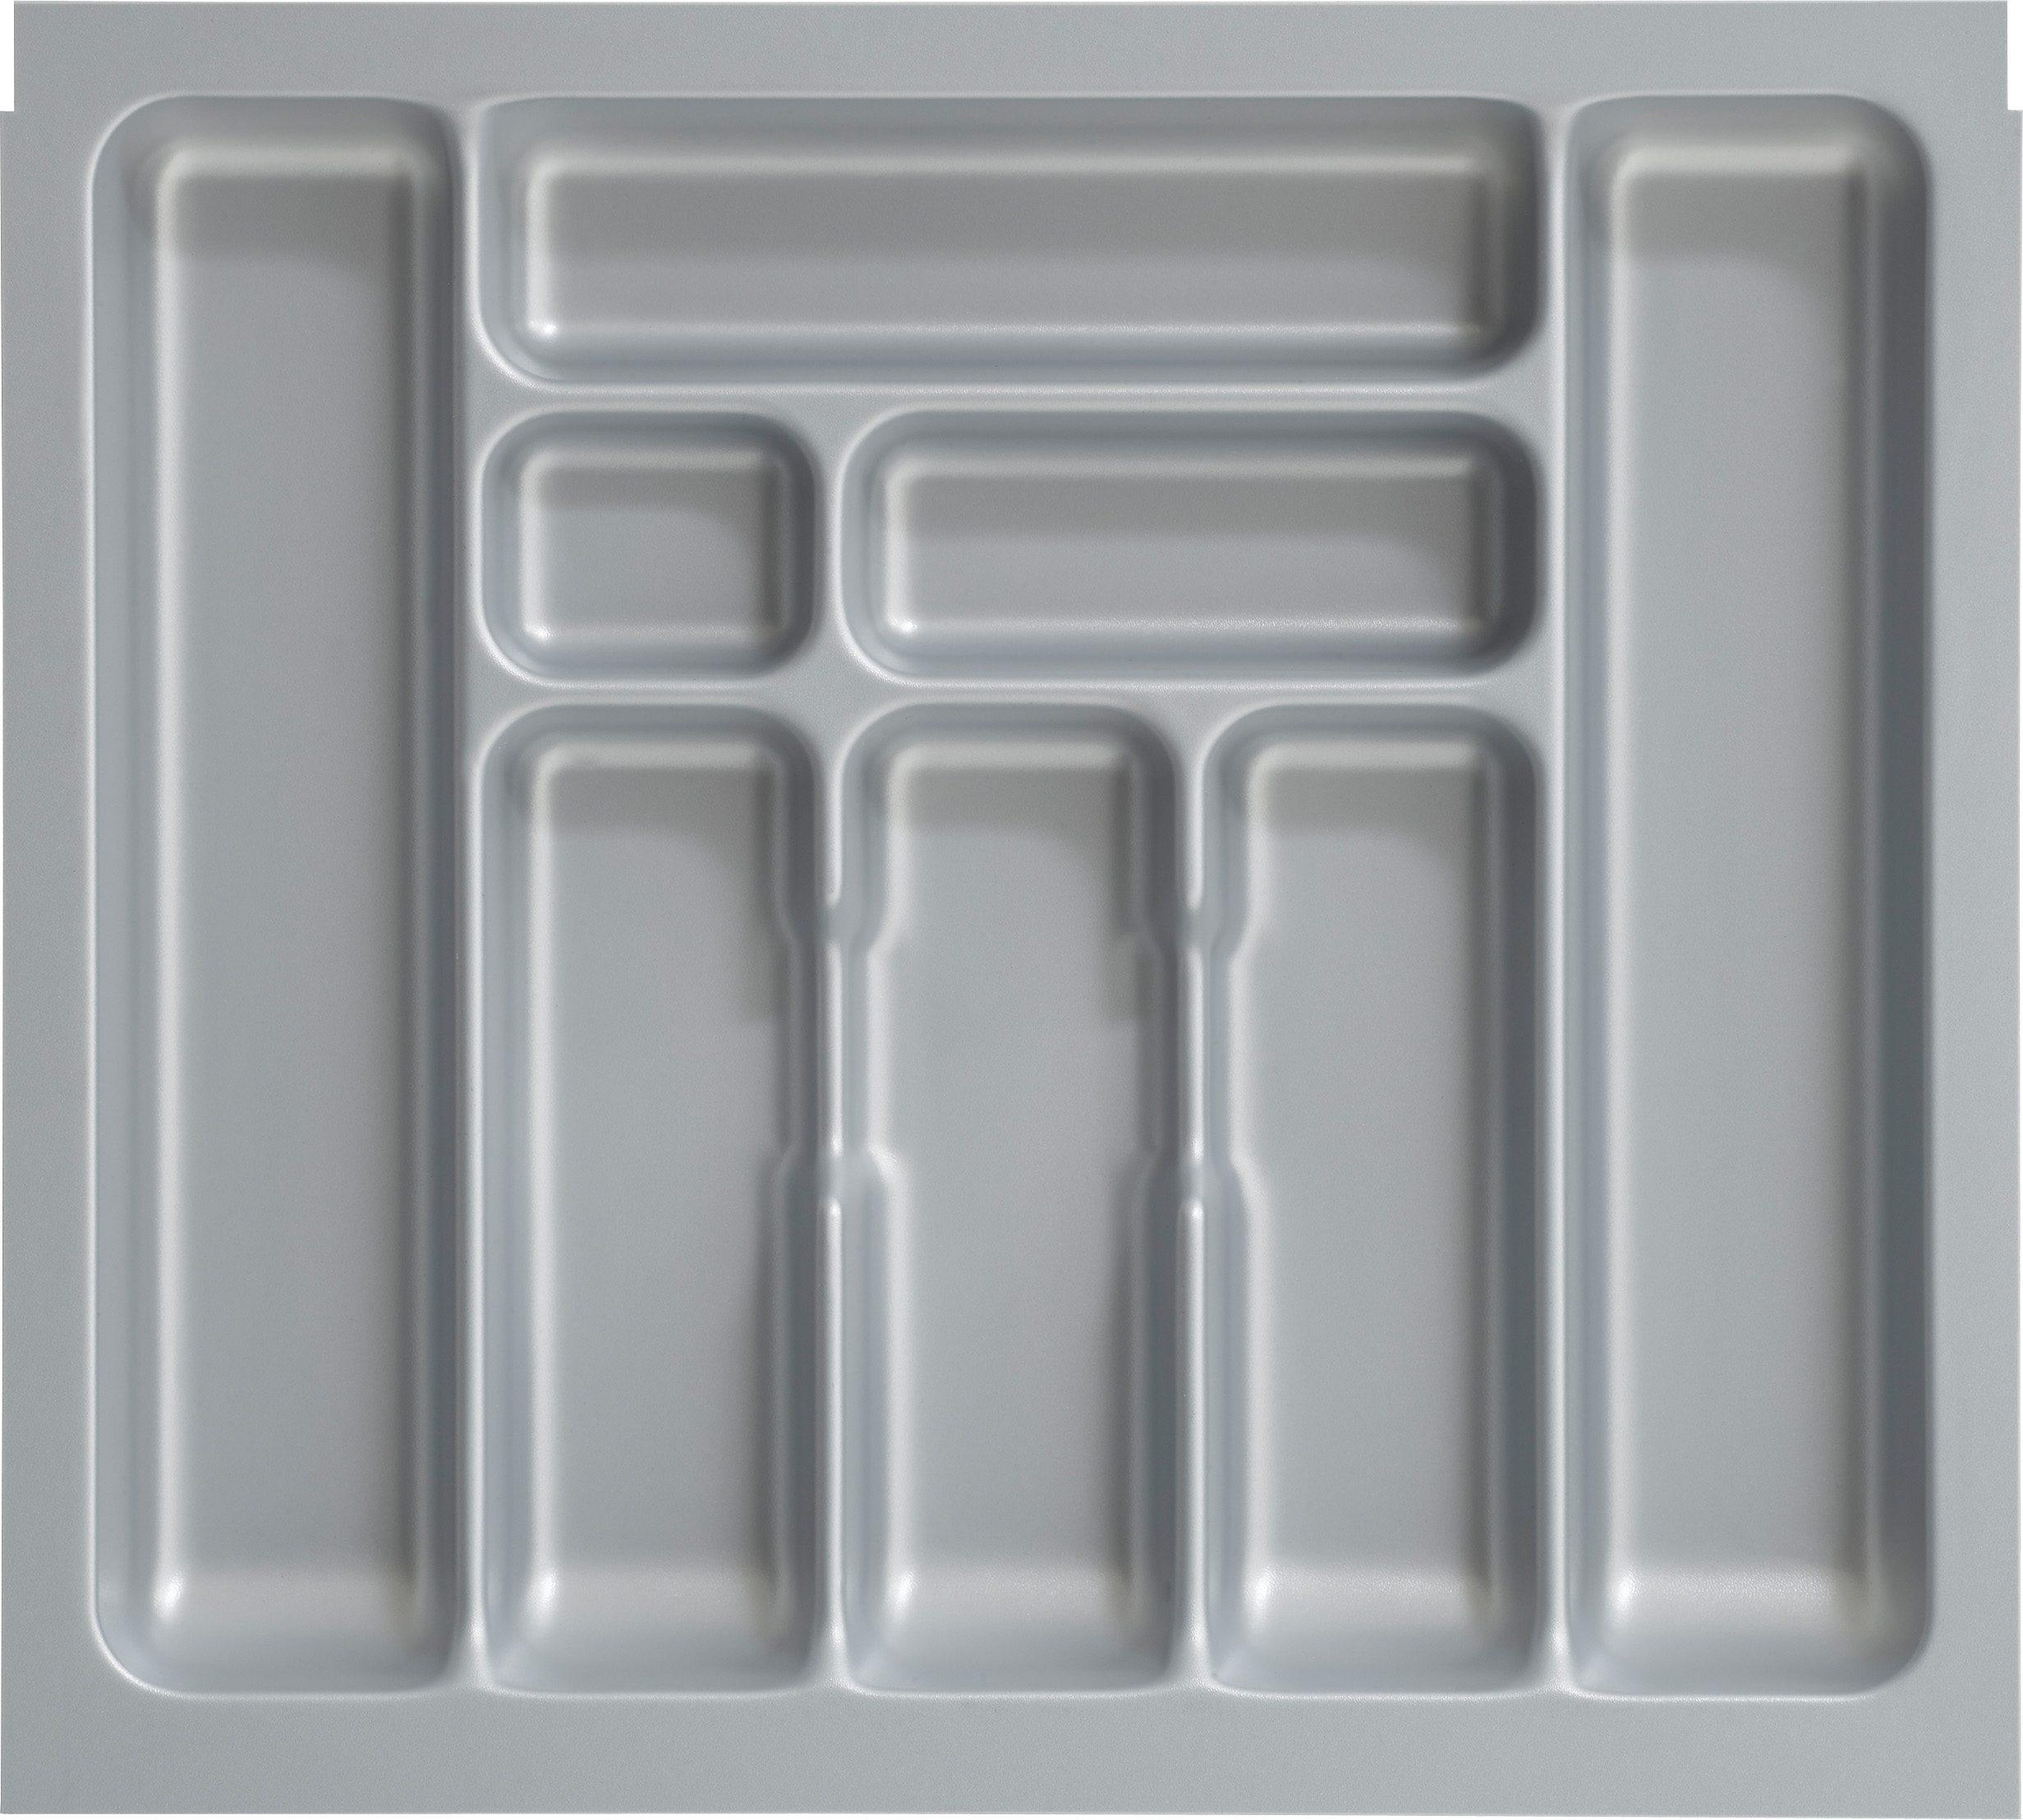 Besteckeinsatz 60 cm, OPTIFIT